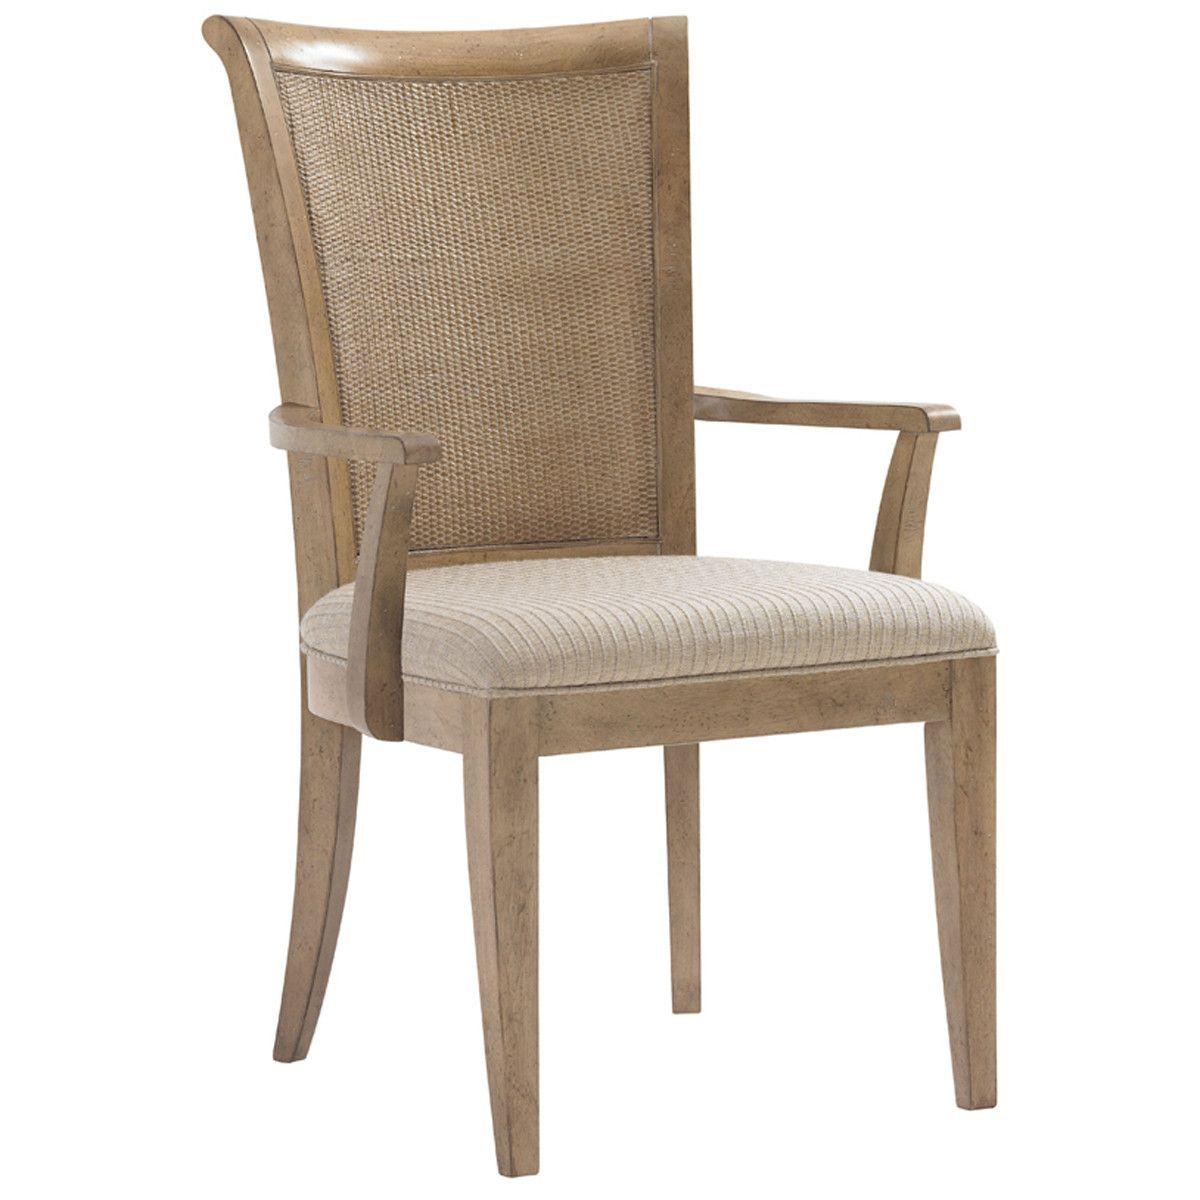 Lexington monterey sands los altos arm chair dining